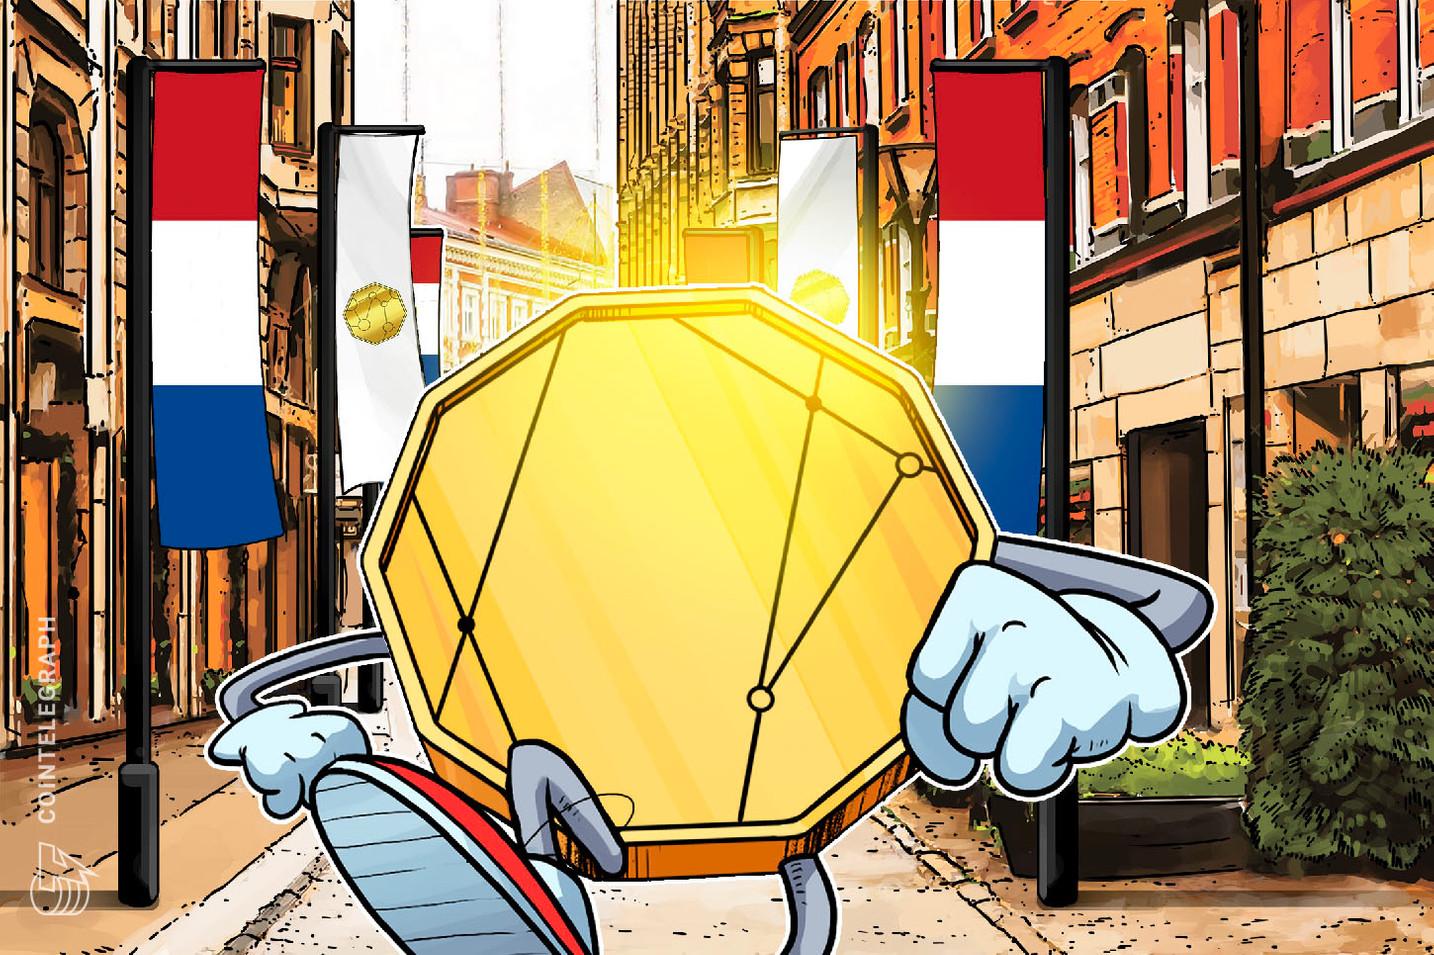 Niederländische Zentralbank will Führungsrolle beim digitalen Euro